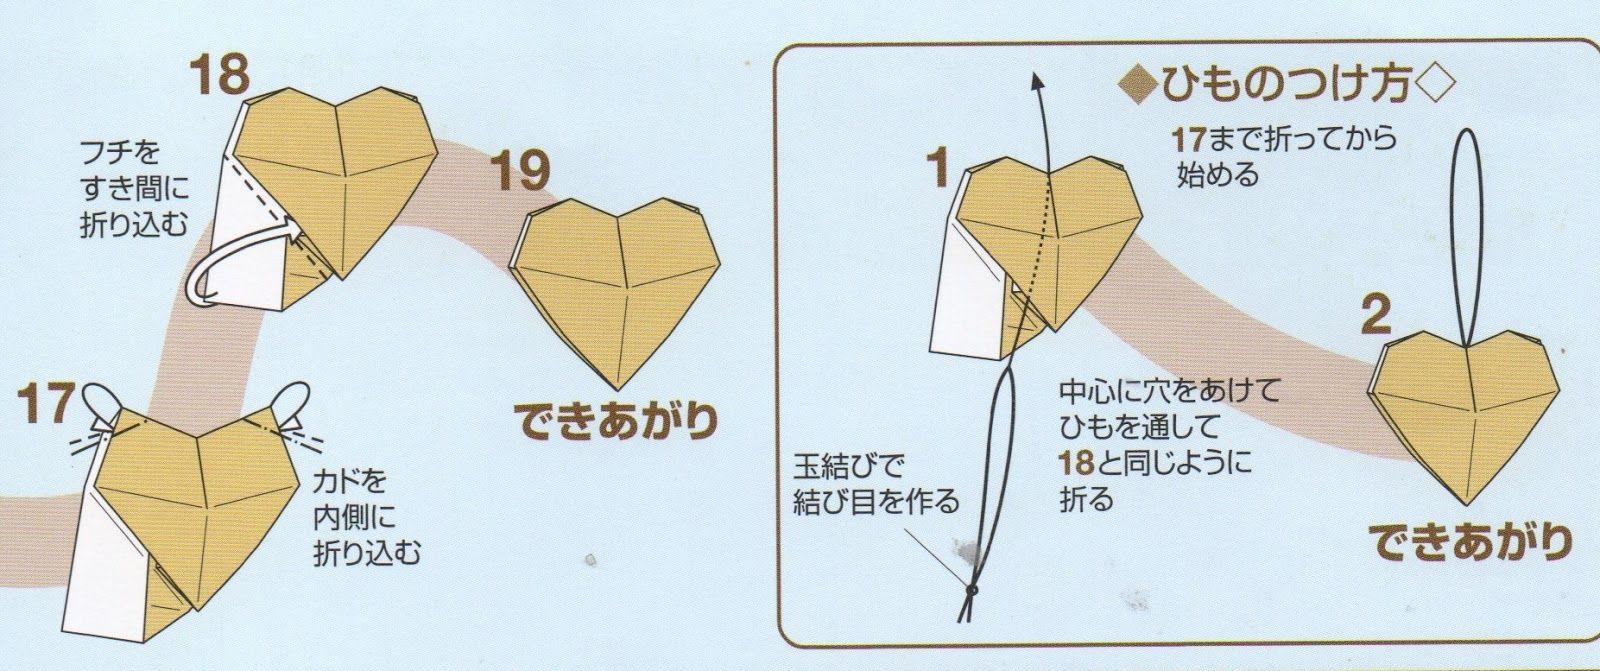 Nesse Ano No D Para Escapar Das Tristezas E Violncia Que Estamos Origami Heart Diagram Vivendo Mas Tambm Participar Do Momento N